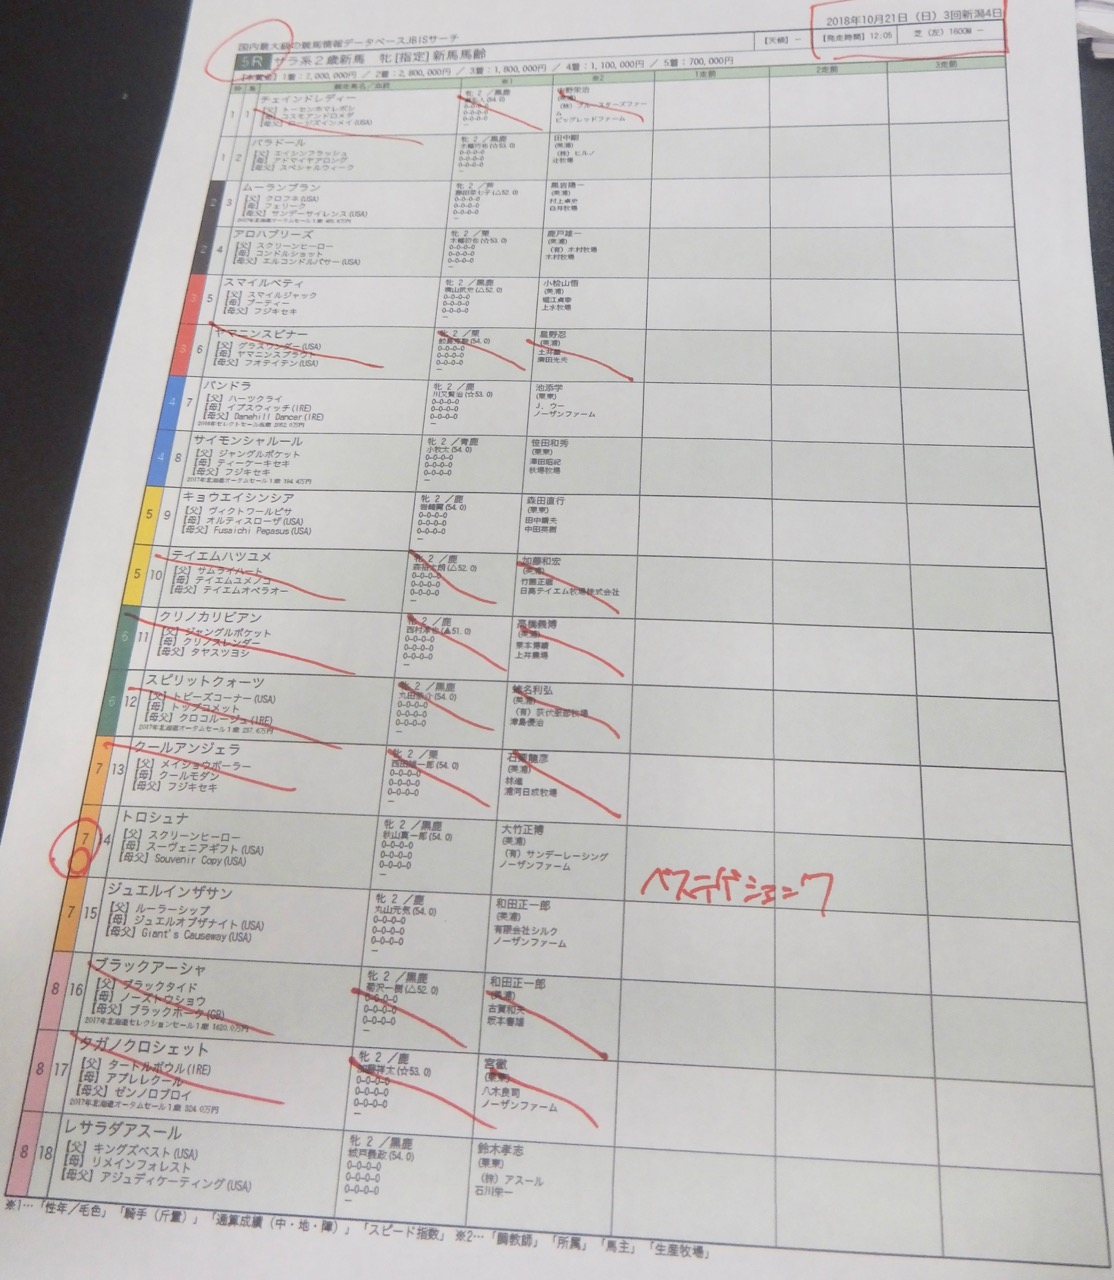 新潟5レース、2歳新馬戦(芝1600m)競馬予想。馬券本命、スクリーンヒーロー産駒トロシュナ(秋山真一郎騎手、大竹正博厩舎)2018.10.21